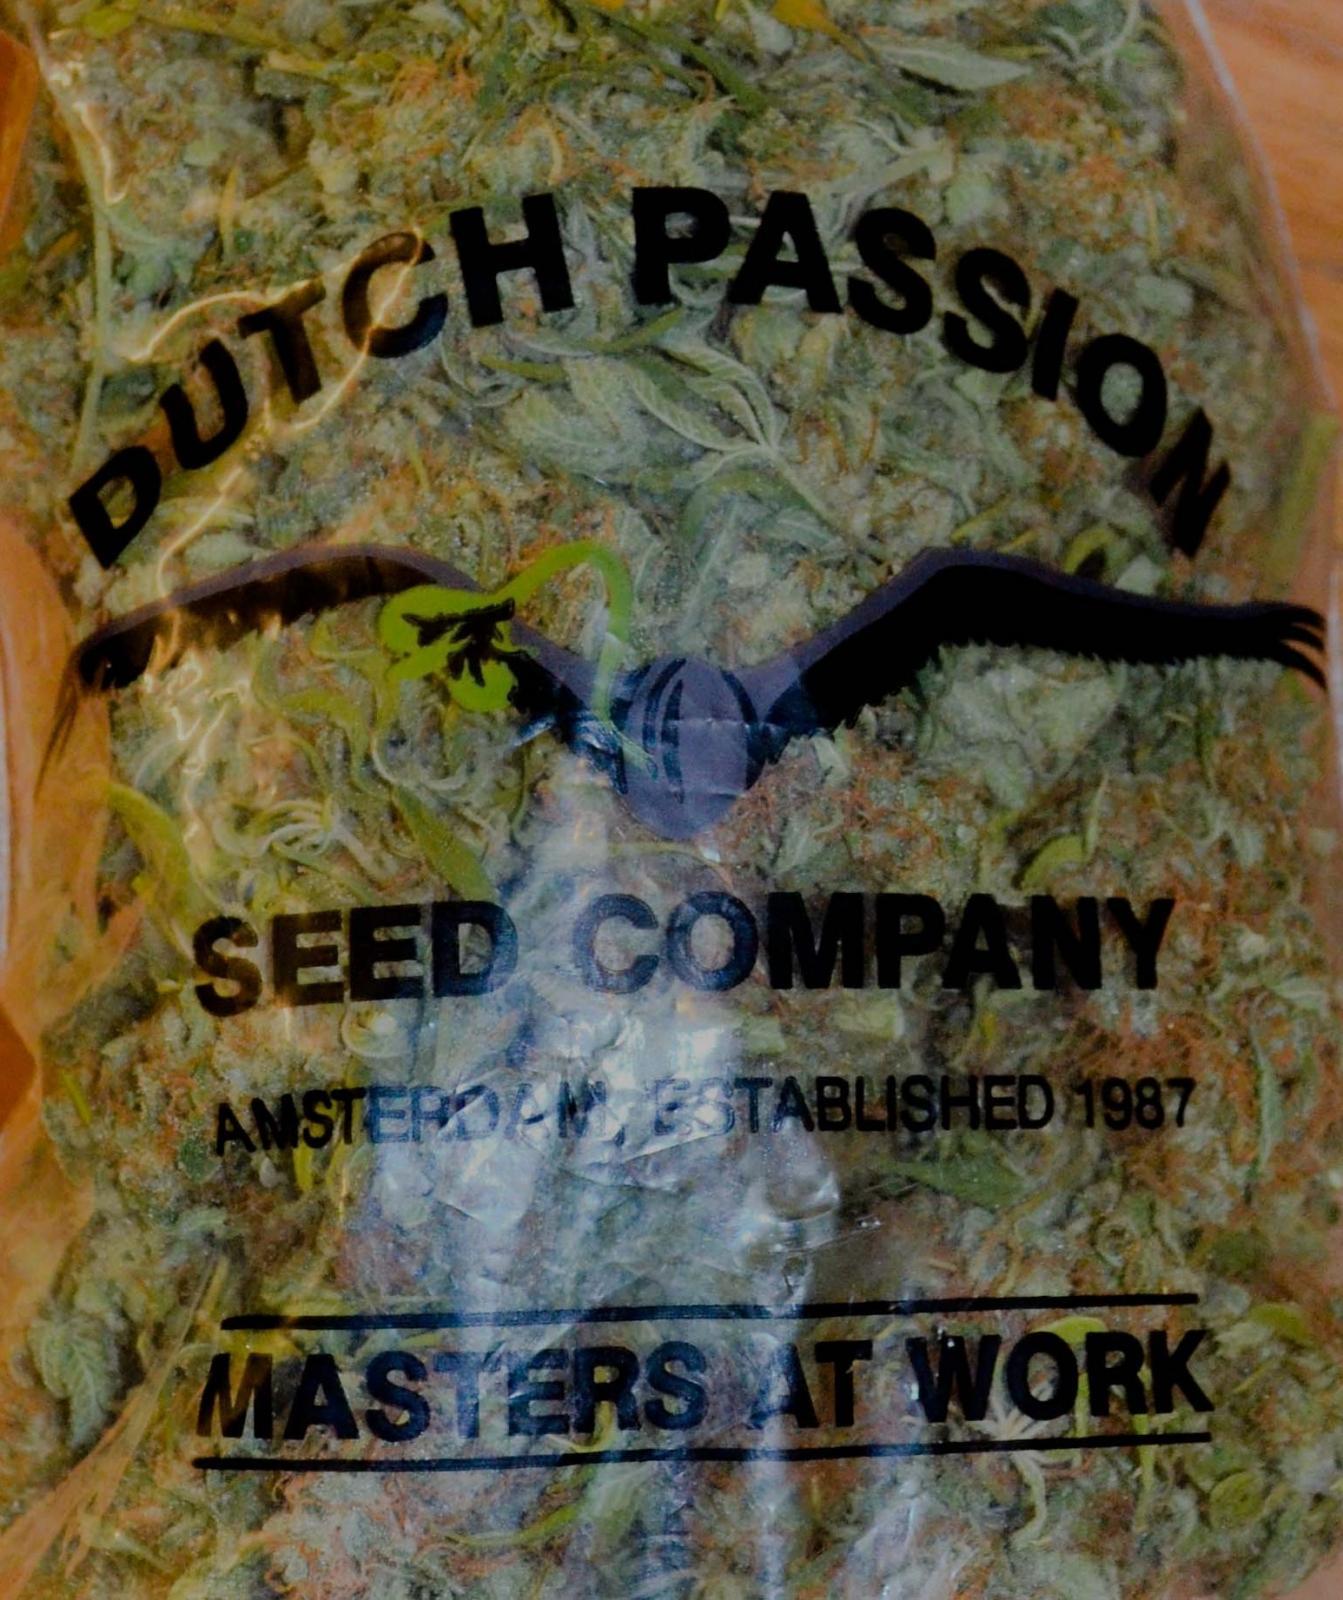 Bag of pot dutch passion